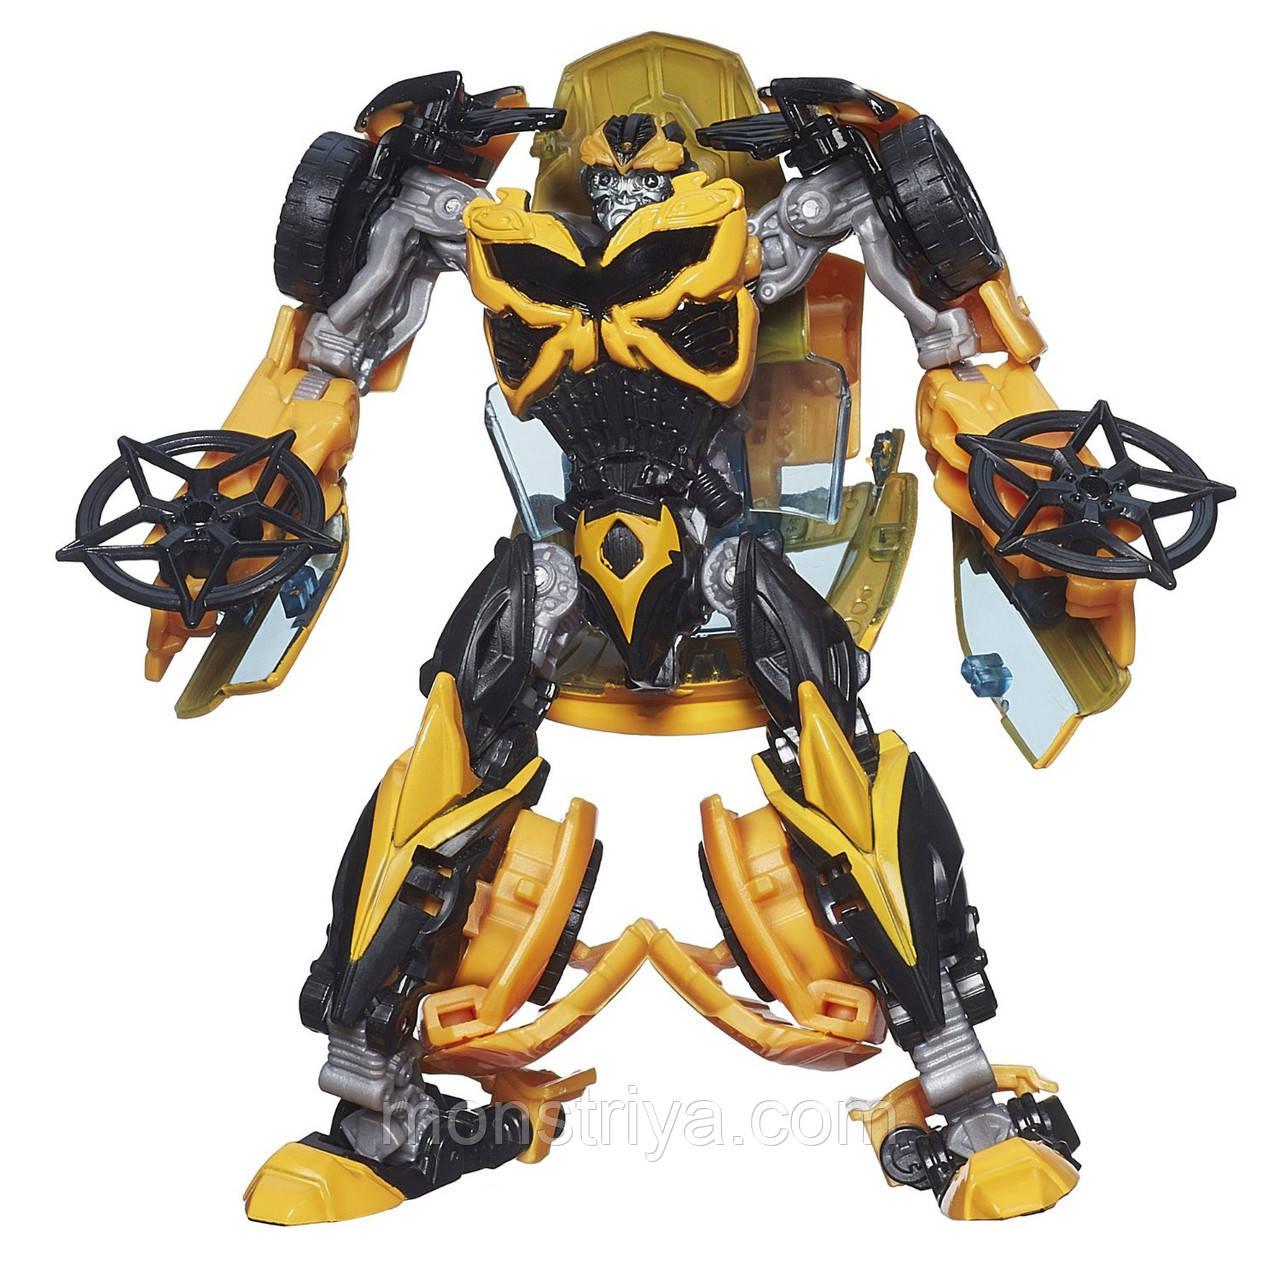 Робот трансформер 4 Класса Делюкс Эпоха истребления.Bumblebee Бамблби. Киев.